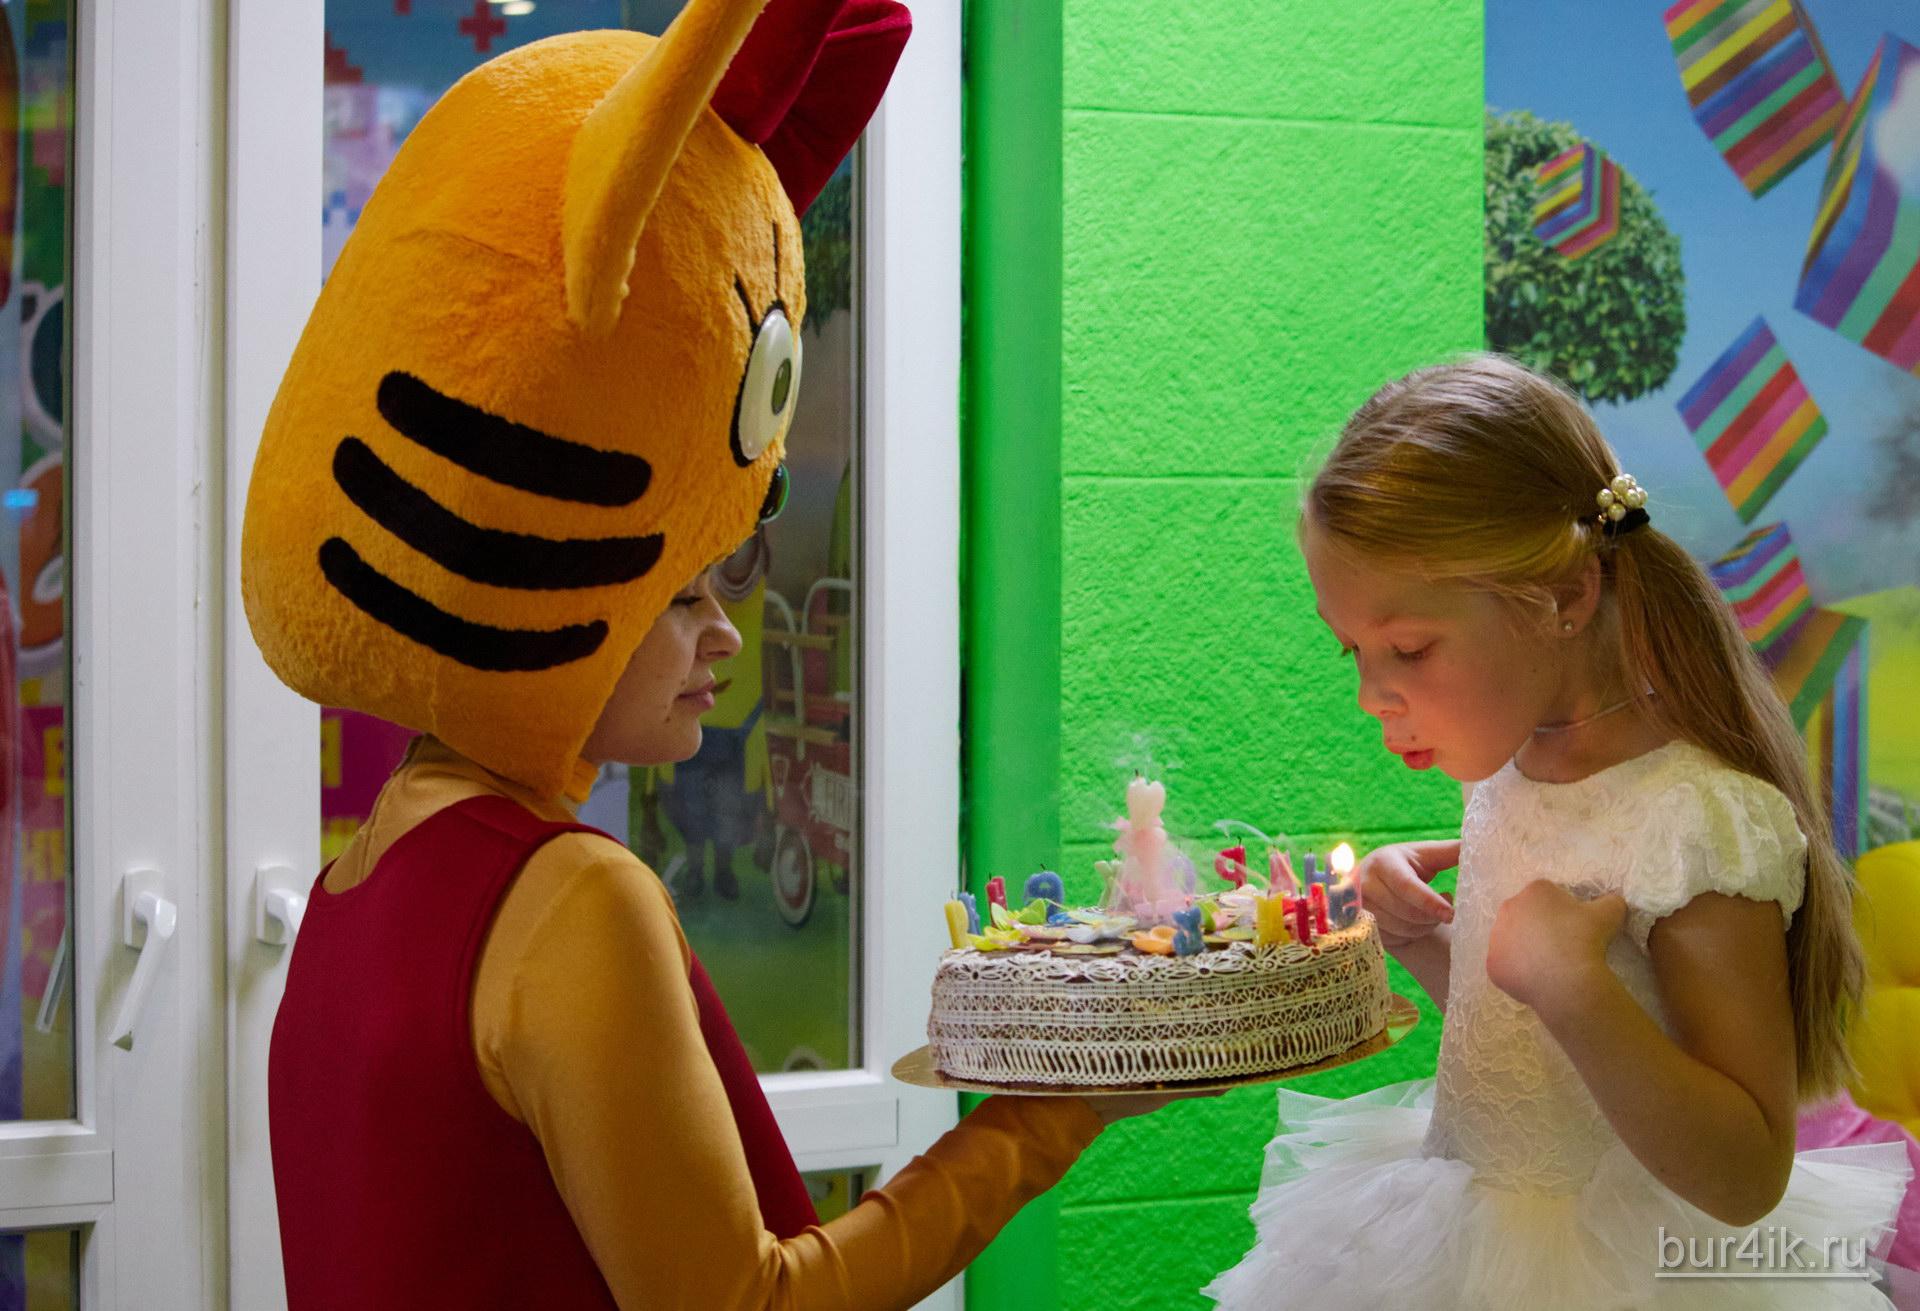 Фото Детское День Рождения в Детский Дворик 15.01.2020 №241 -photo- bur4ik.ru